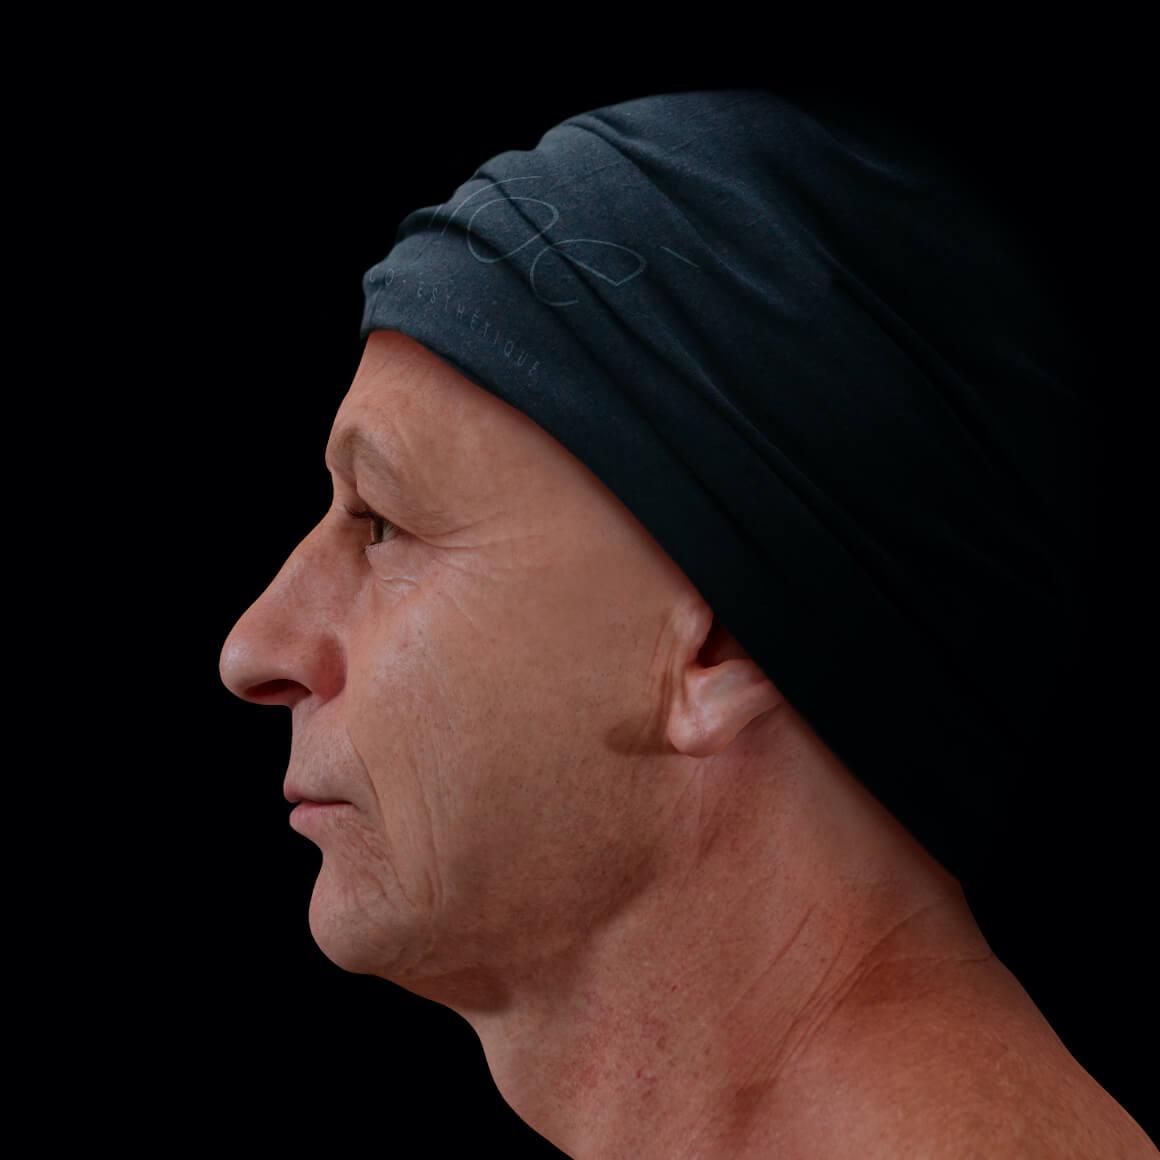 Patient de la Clinique Chloé positionné de côté montrant un relâchement cutané du visage